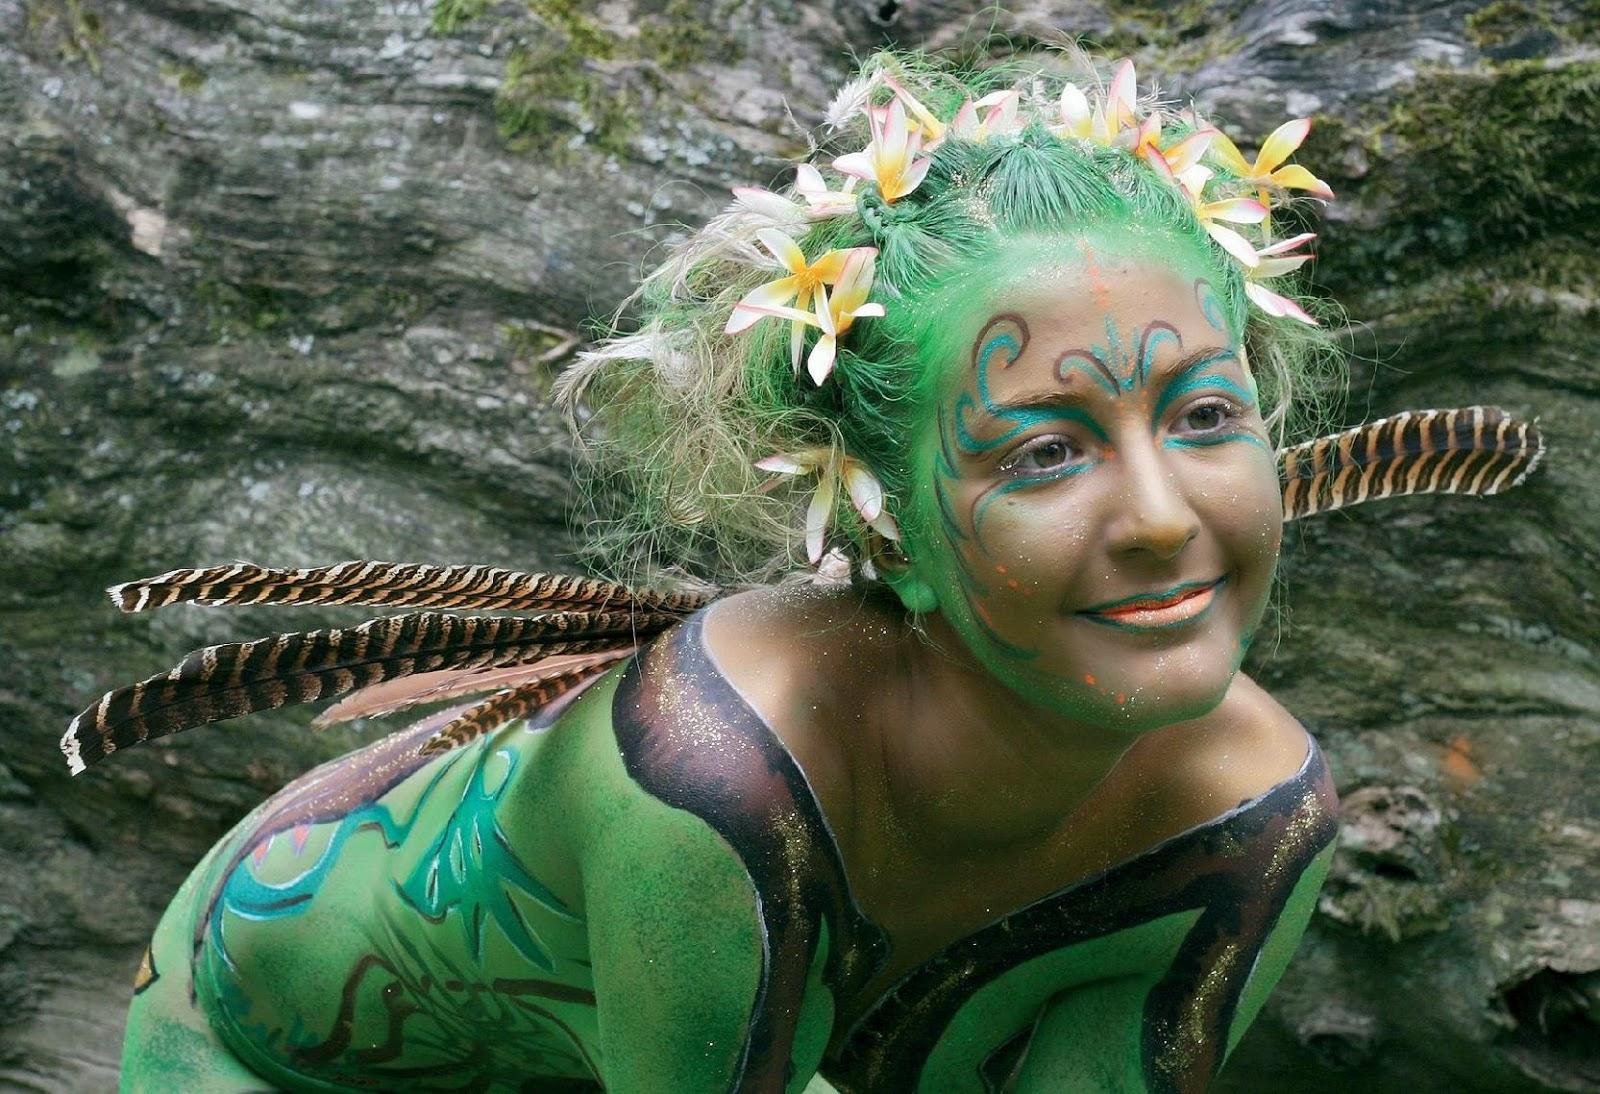 Australian Body Art Carnivale  Scoop News